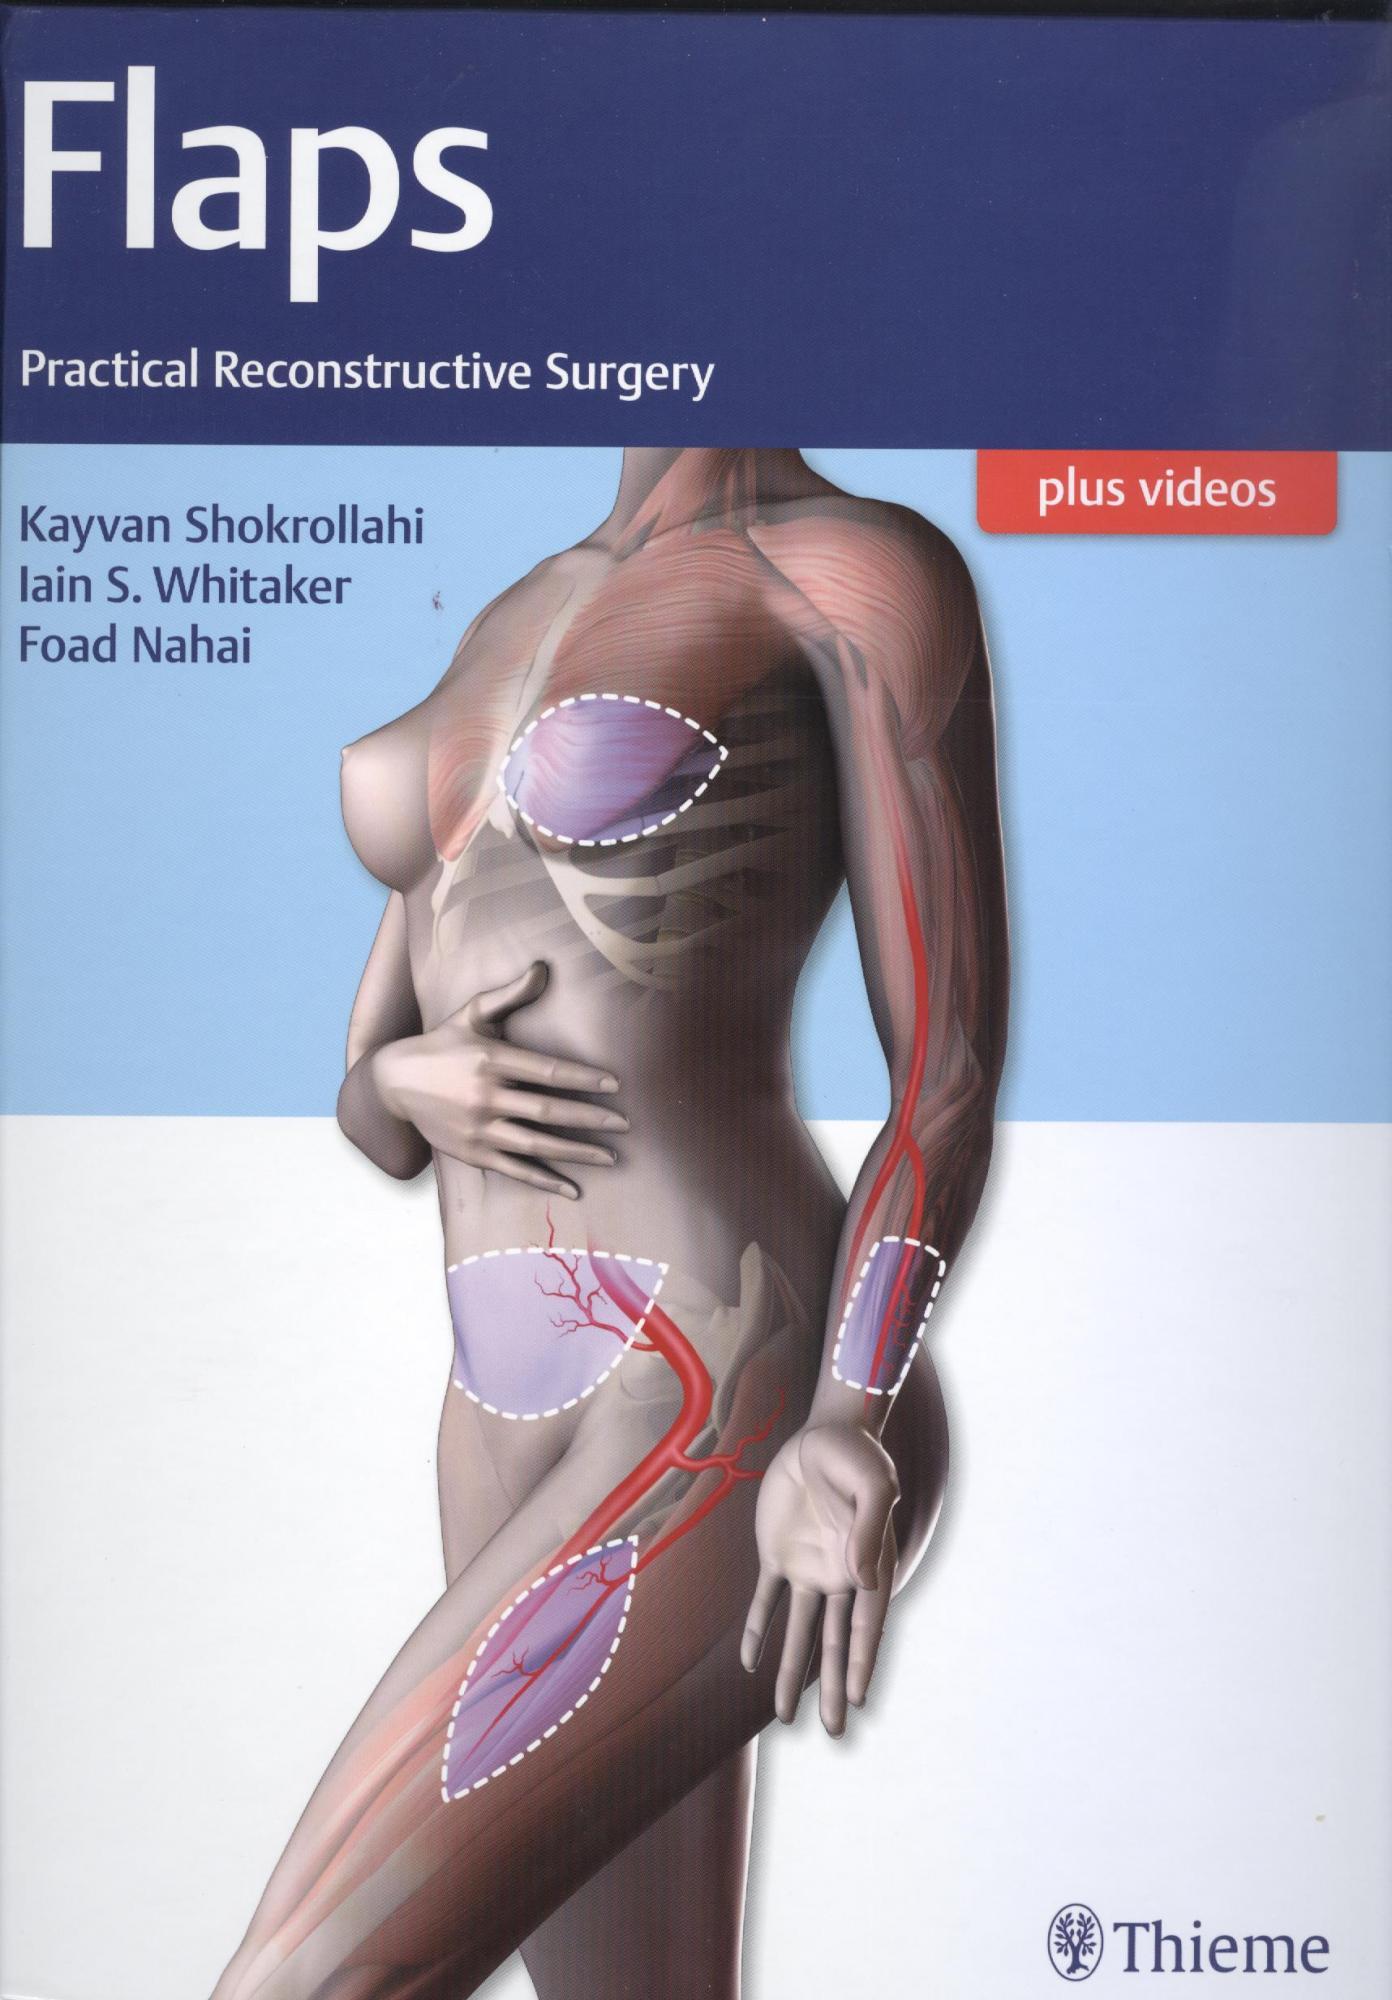 Flaps: Practical Reconstructive Surgery